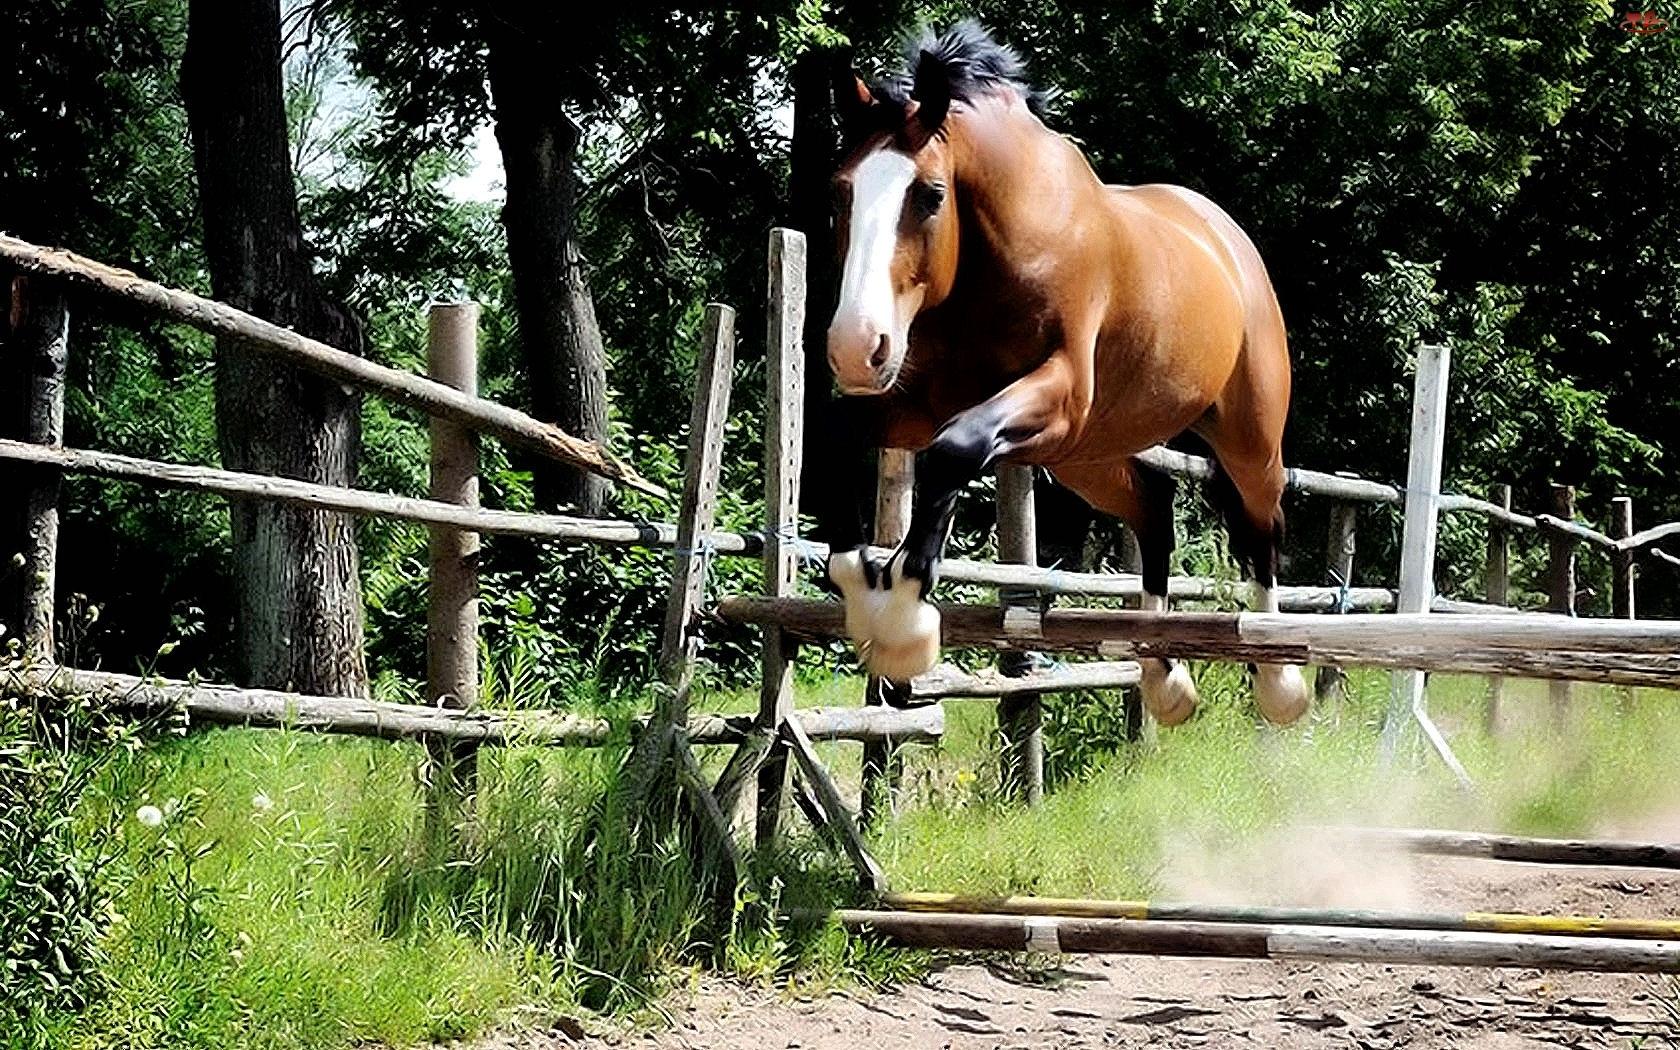 Skok, Koń, Przeszkoda